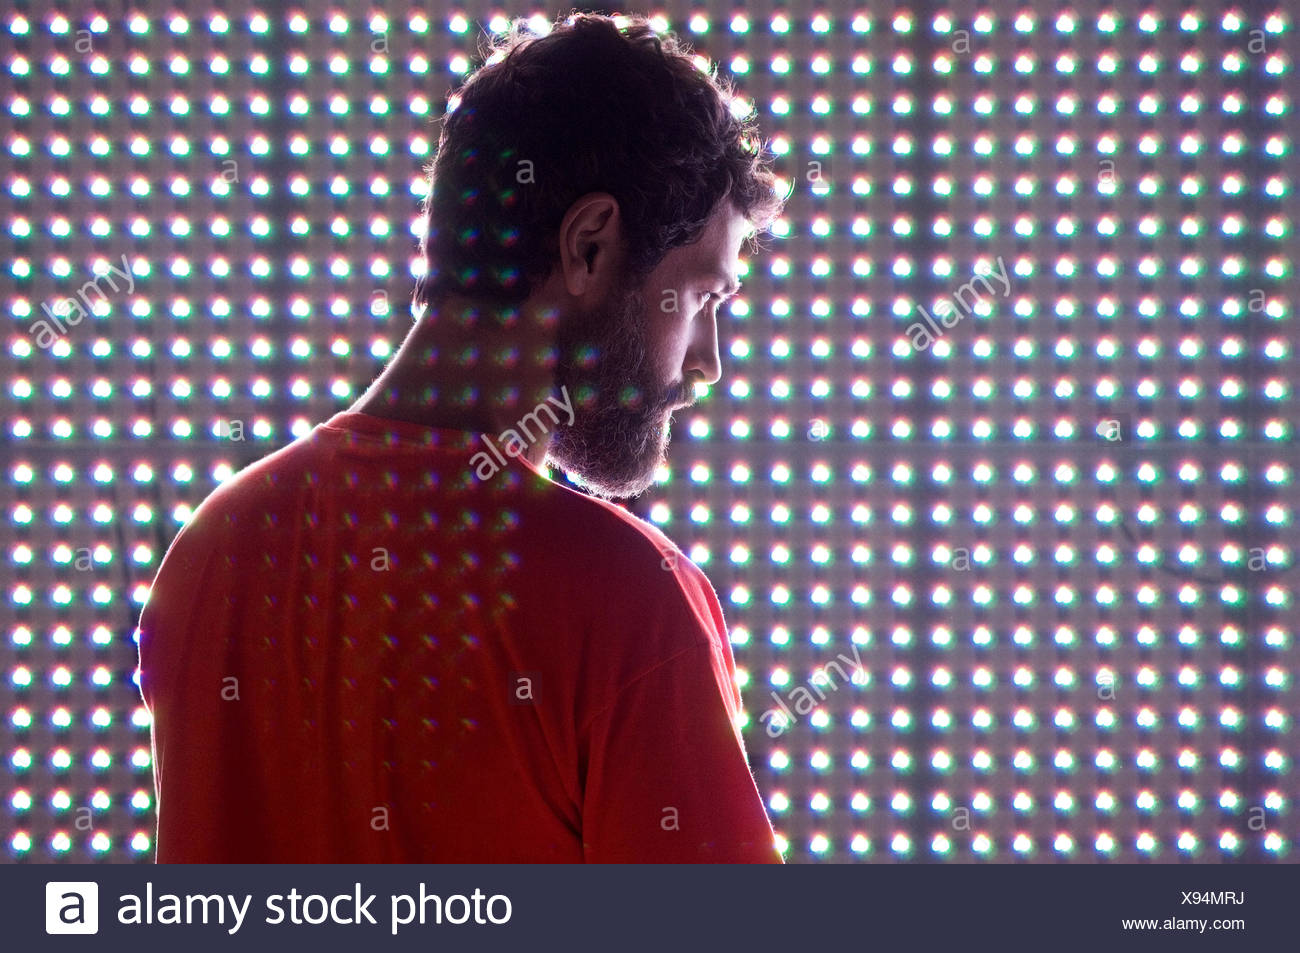 Homme debout en face de l'écran LED Photo Stock